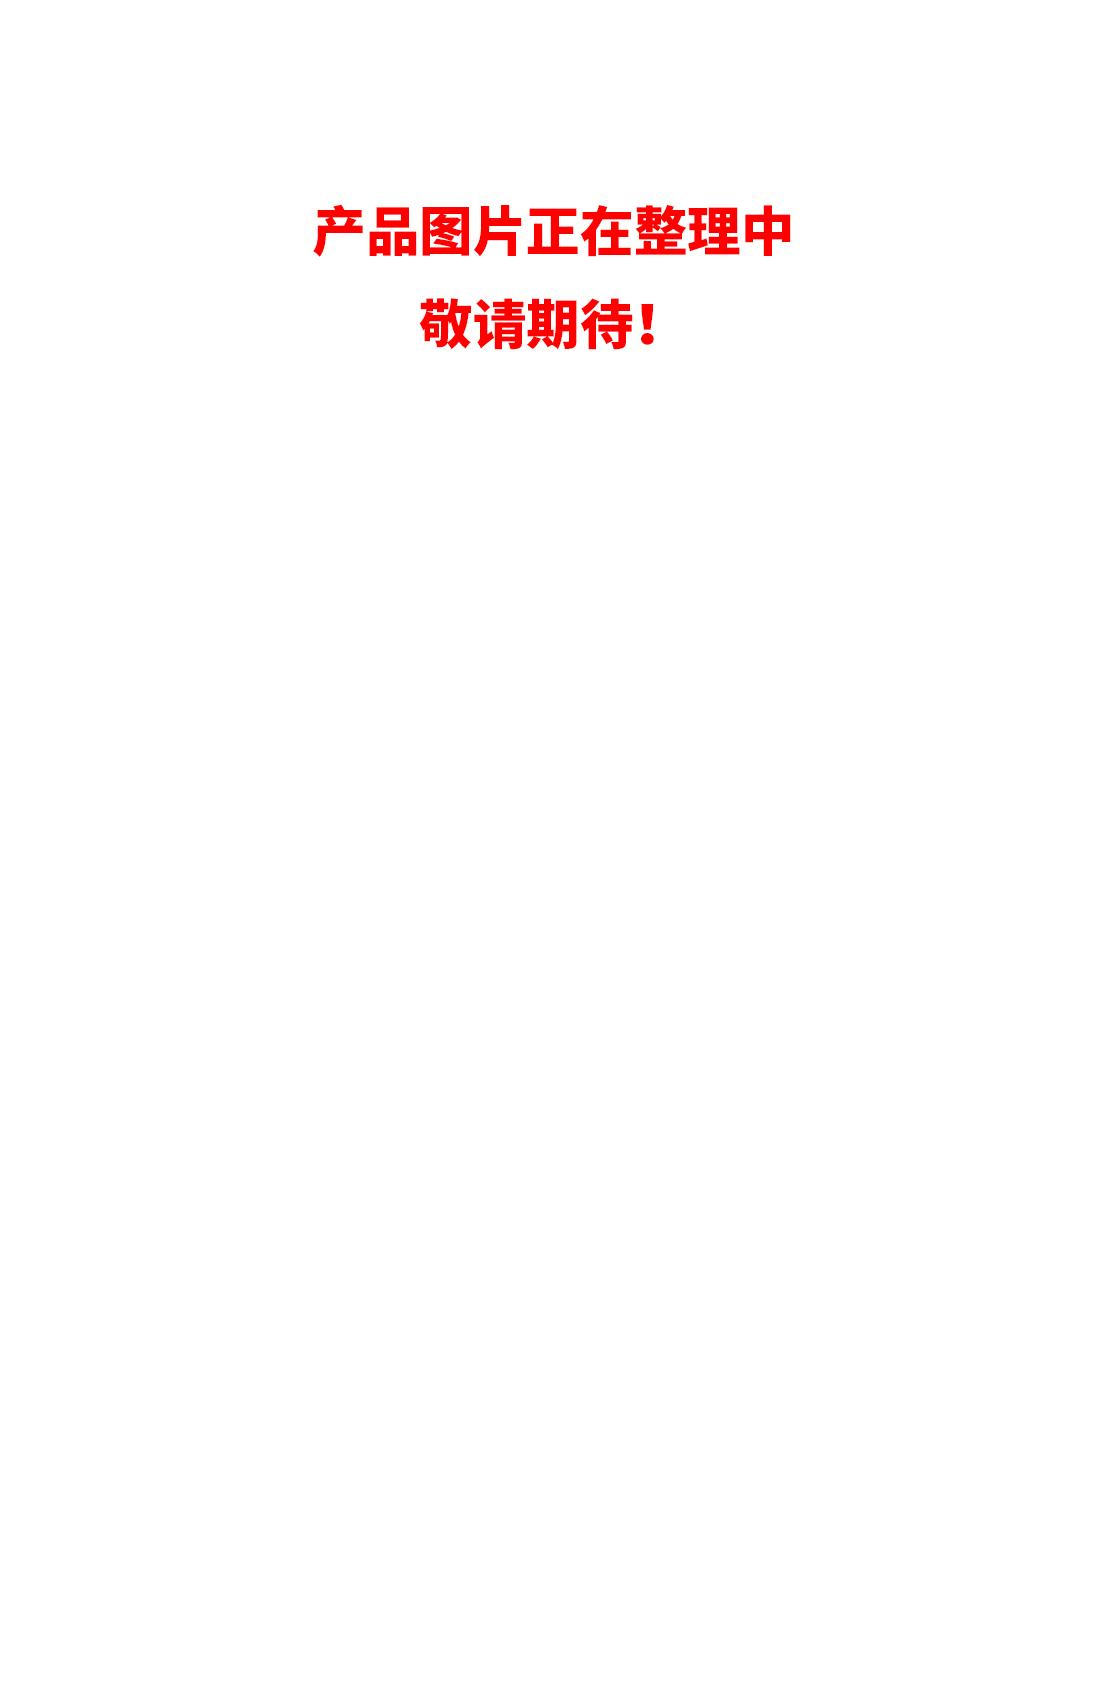 微信图片_20180211110641.jpg